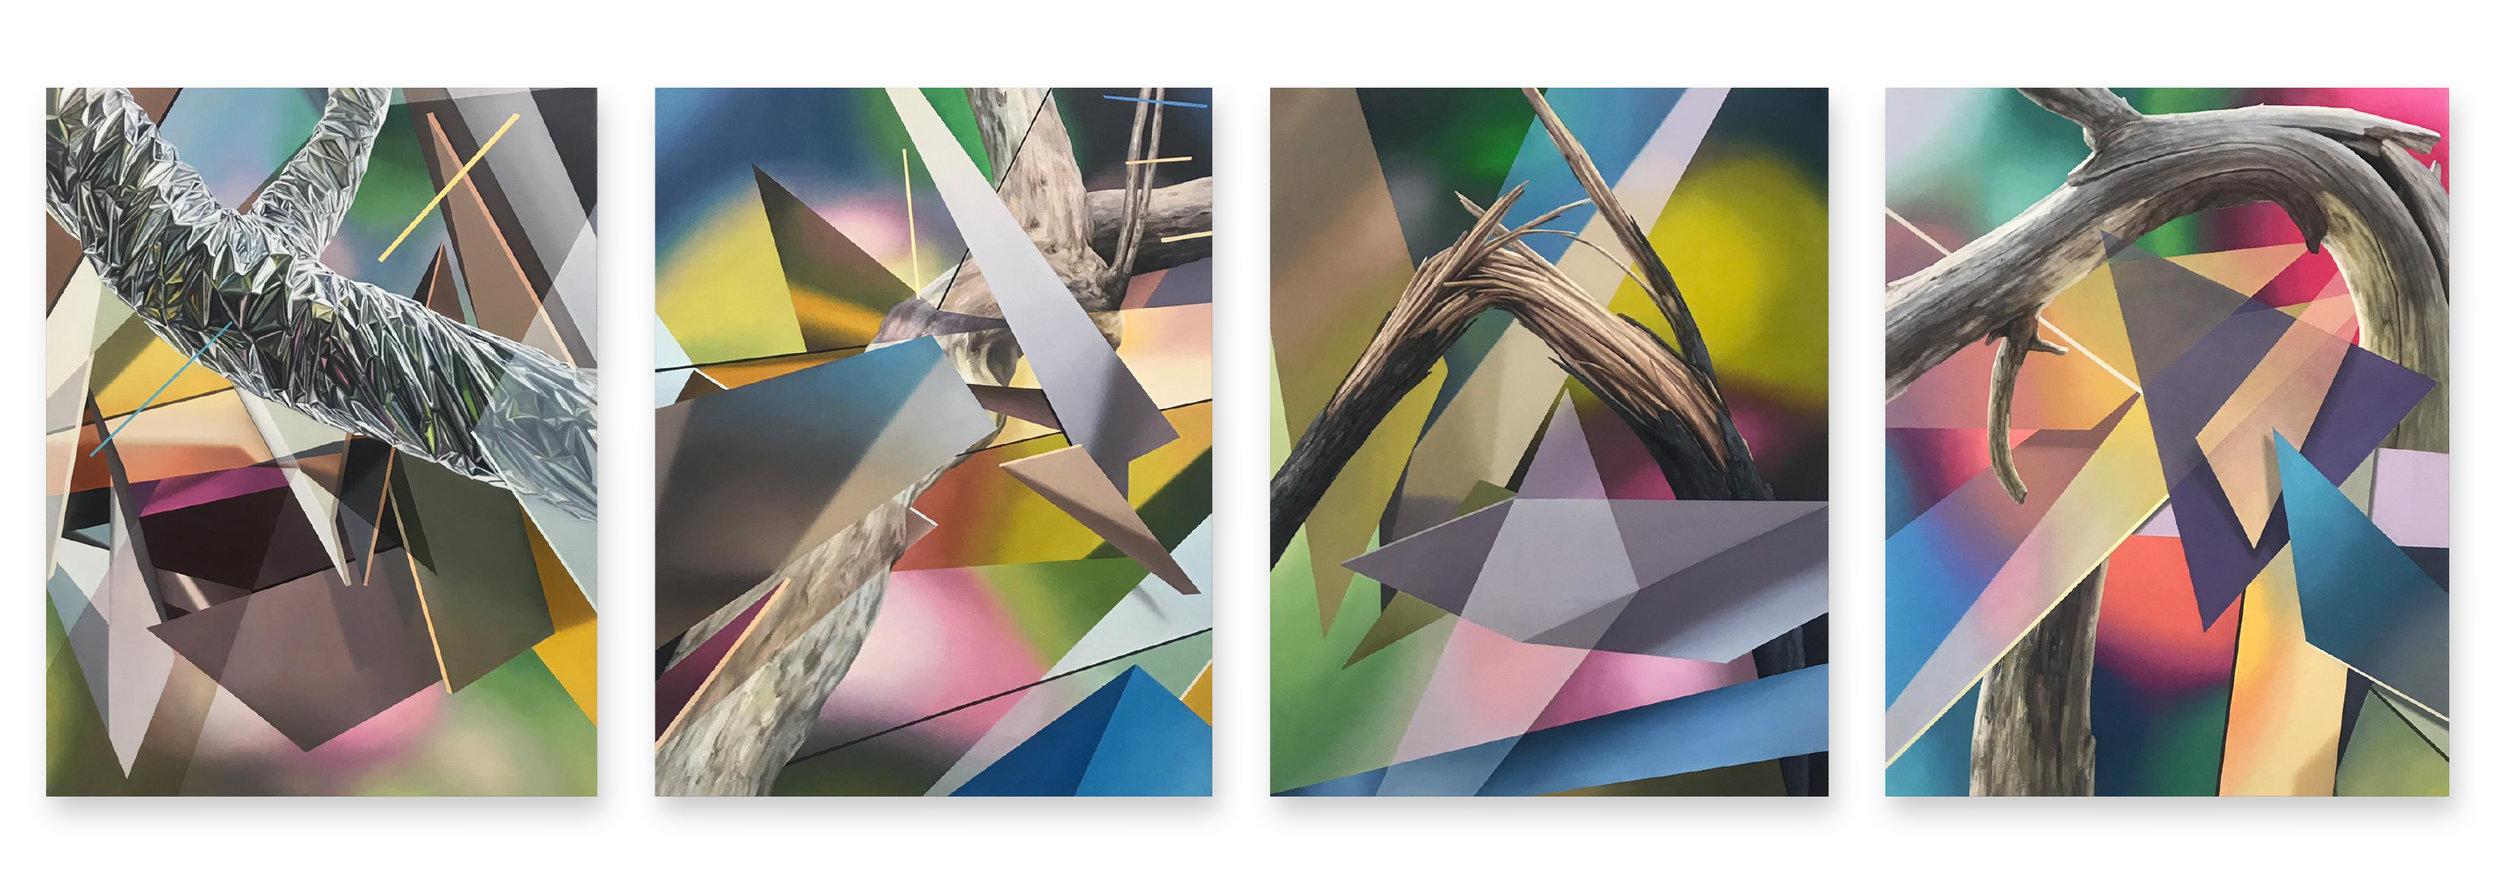 """Javier Peláez, Broken Tree #1, #2, #3, & #4, 2019, oil on linen, 63""""x47"""" each"""